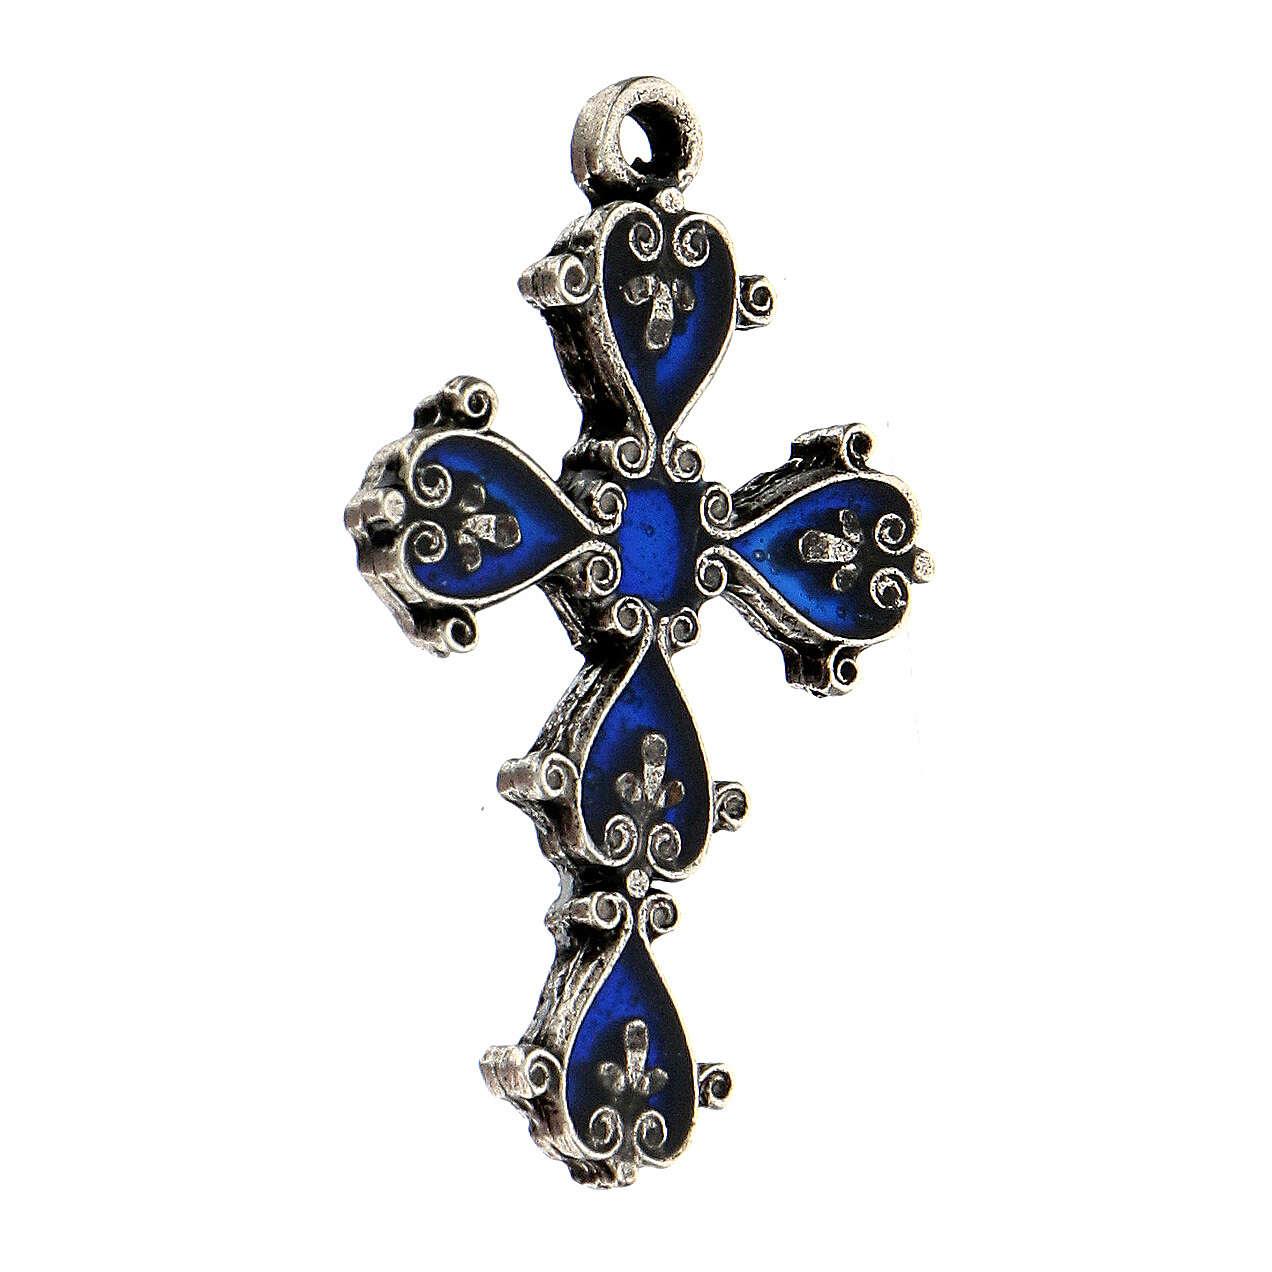 Krzyżyk katedralny zawieszka dekoracje emalia niebieska 4